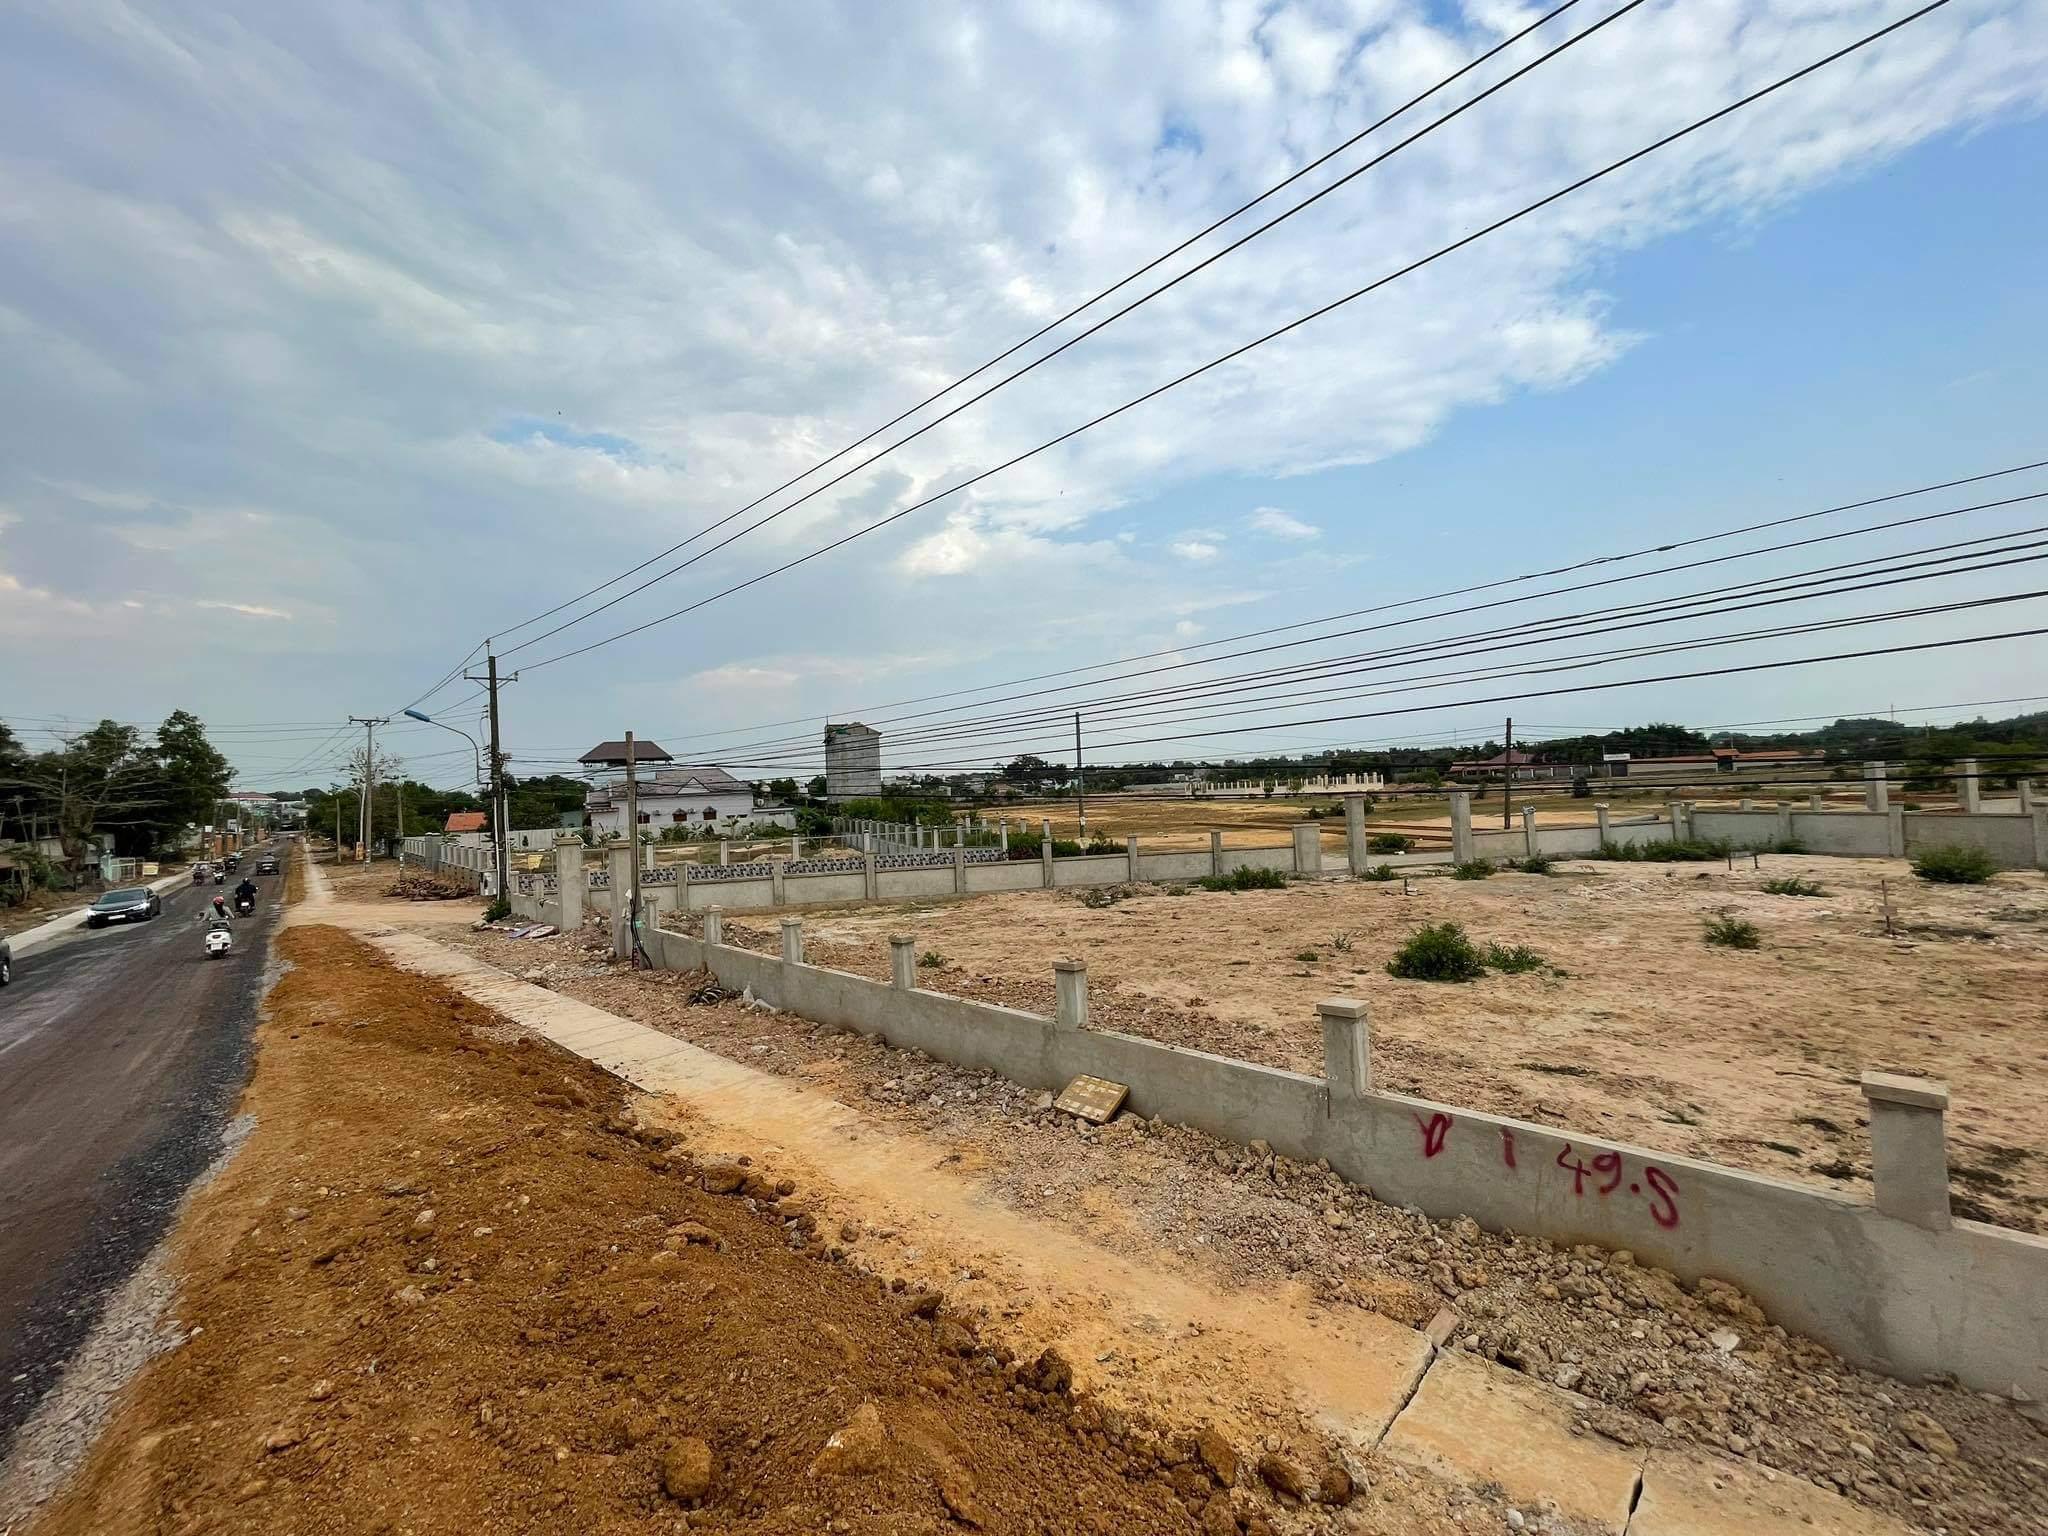 Nhiều khu dân cư, biệt thự bỏ hoang la liệt tại Đồng Nai sau những cơn sốt đất - Ảnh 4.